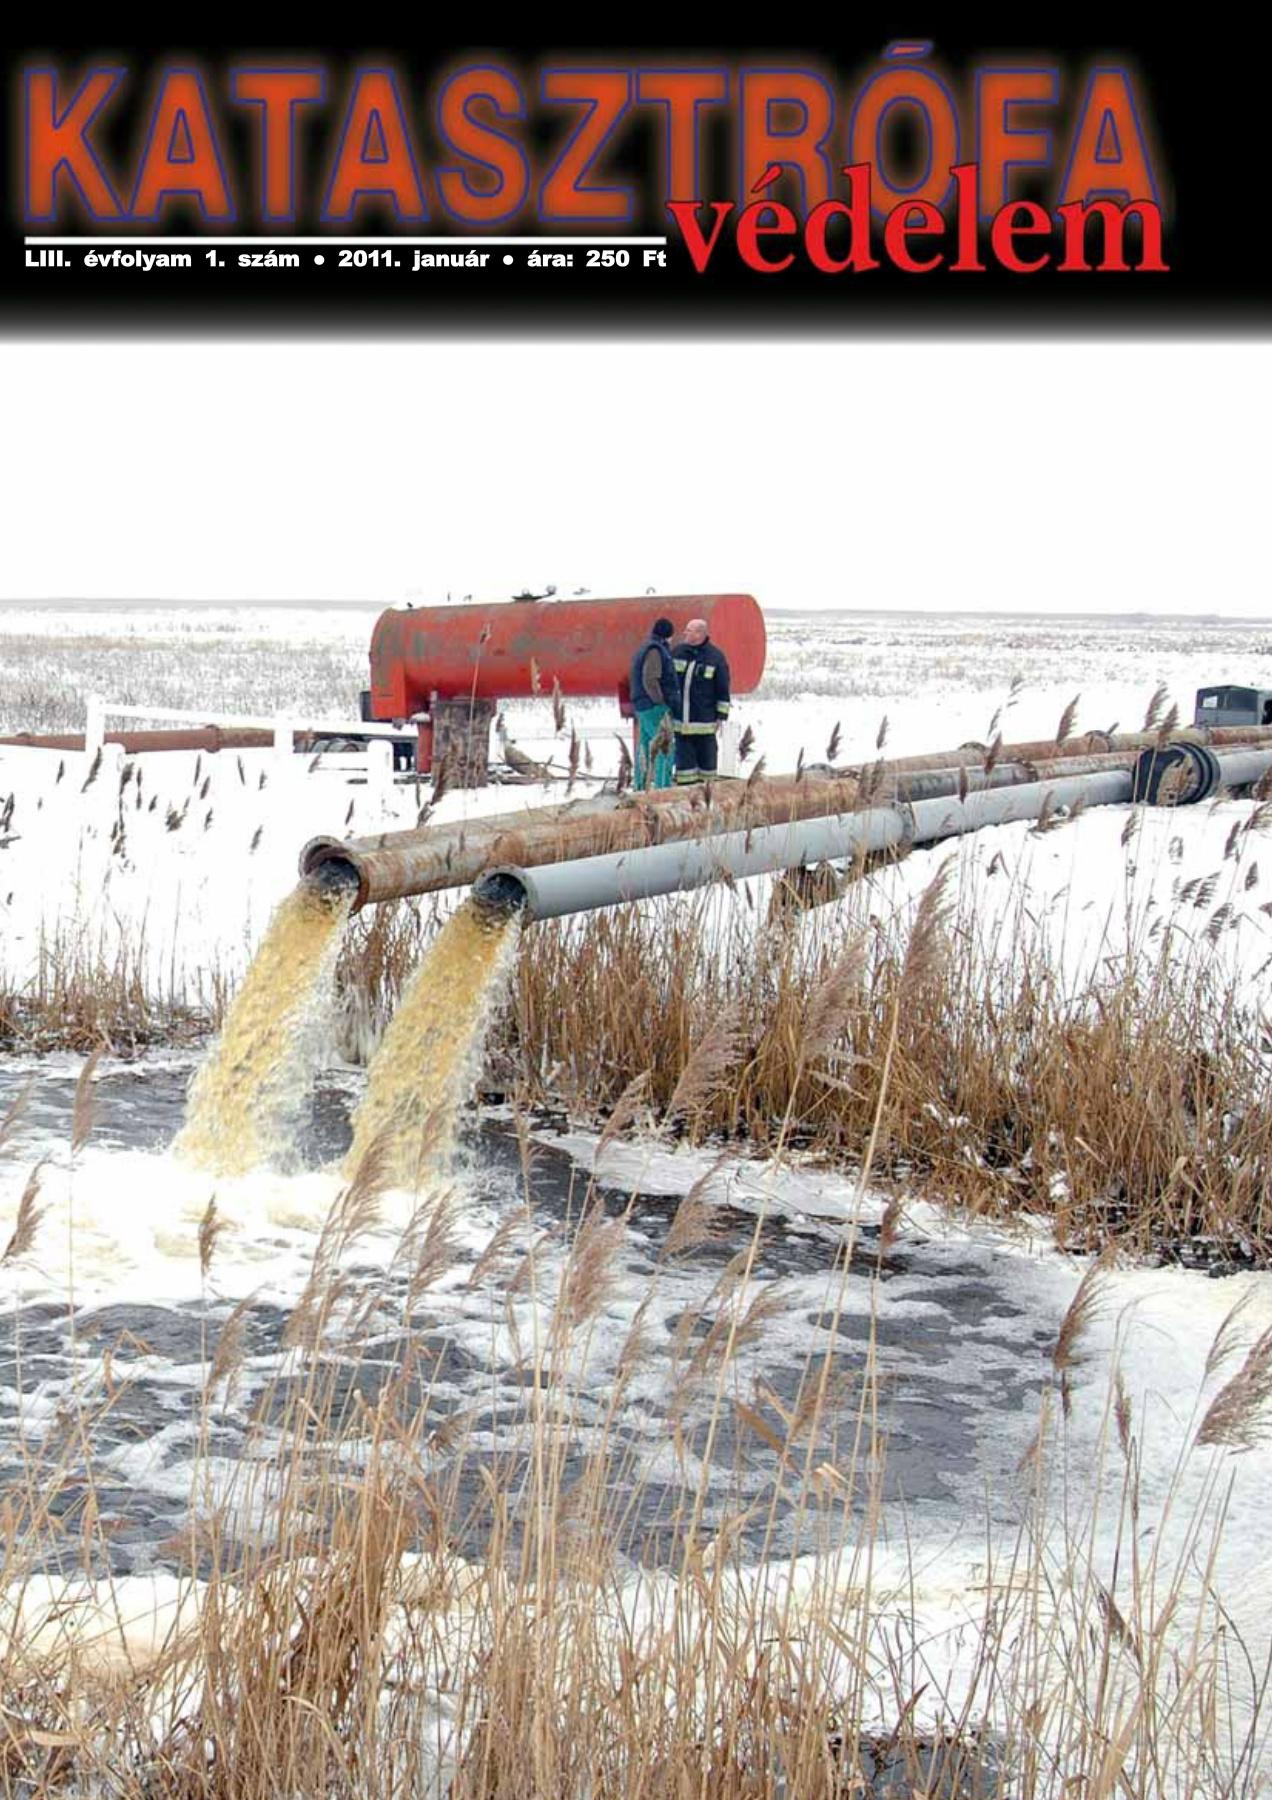 A Katasztrófavédelem magazin LIII. évfolyam 1. szám megtekintése